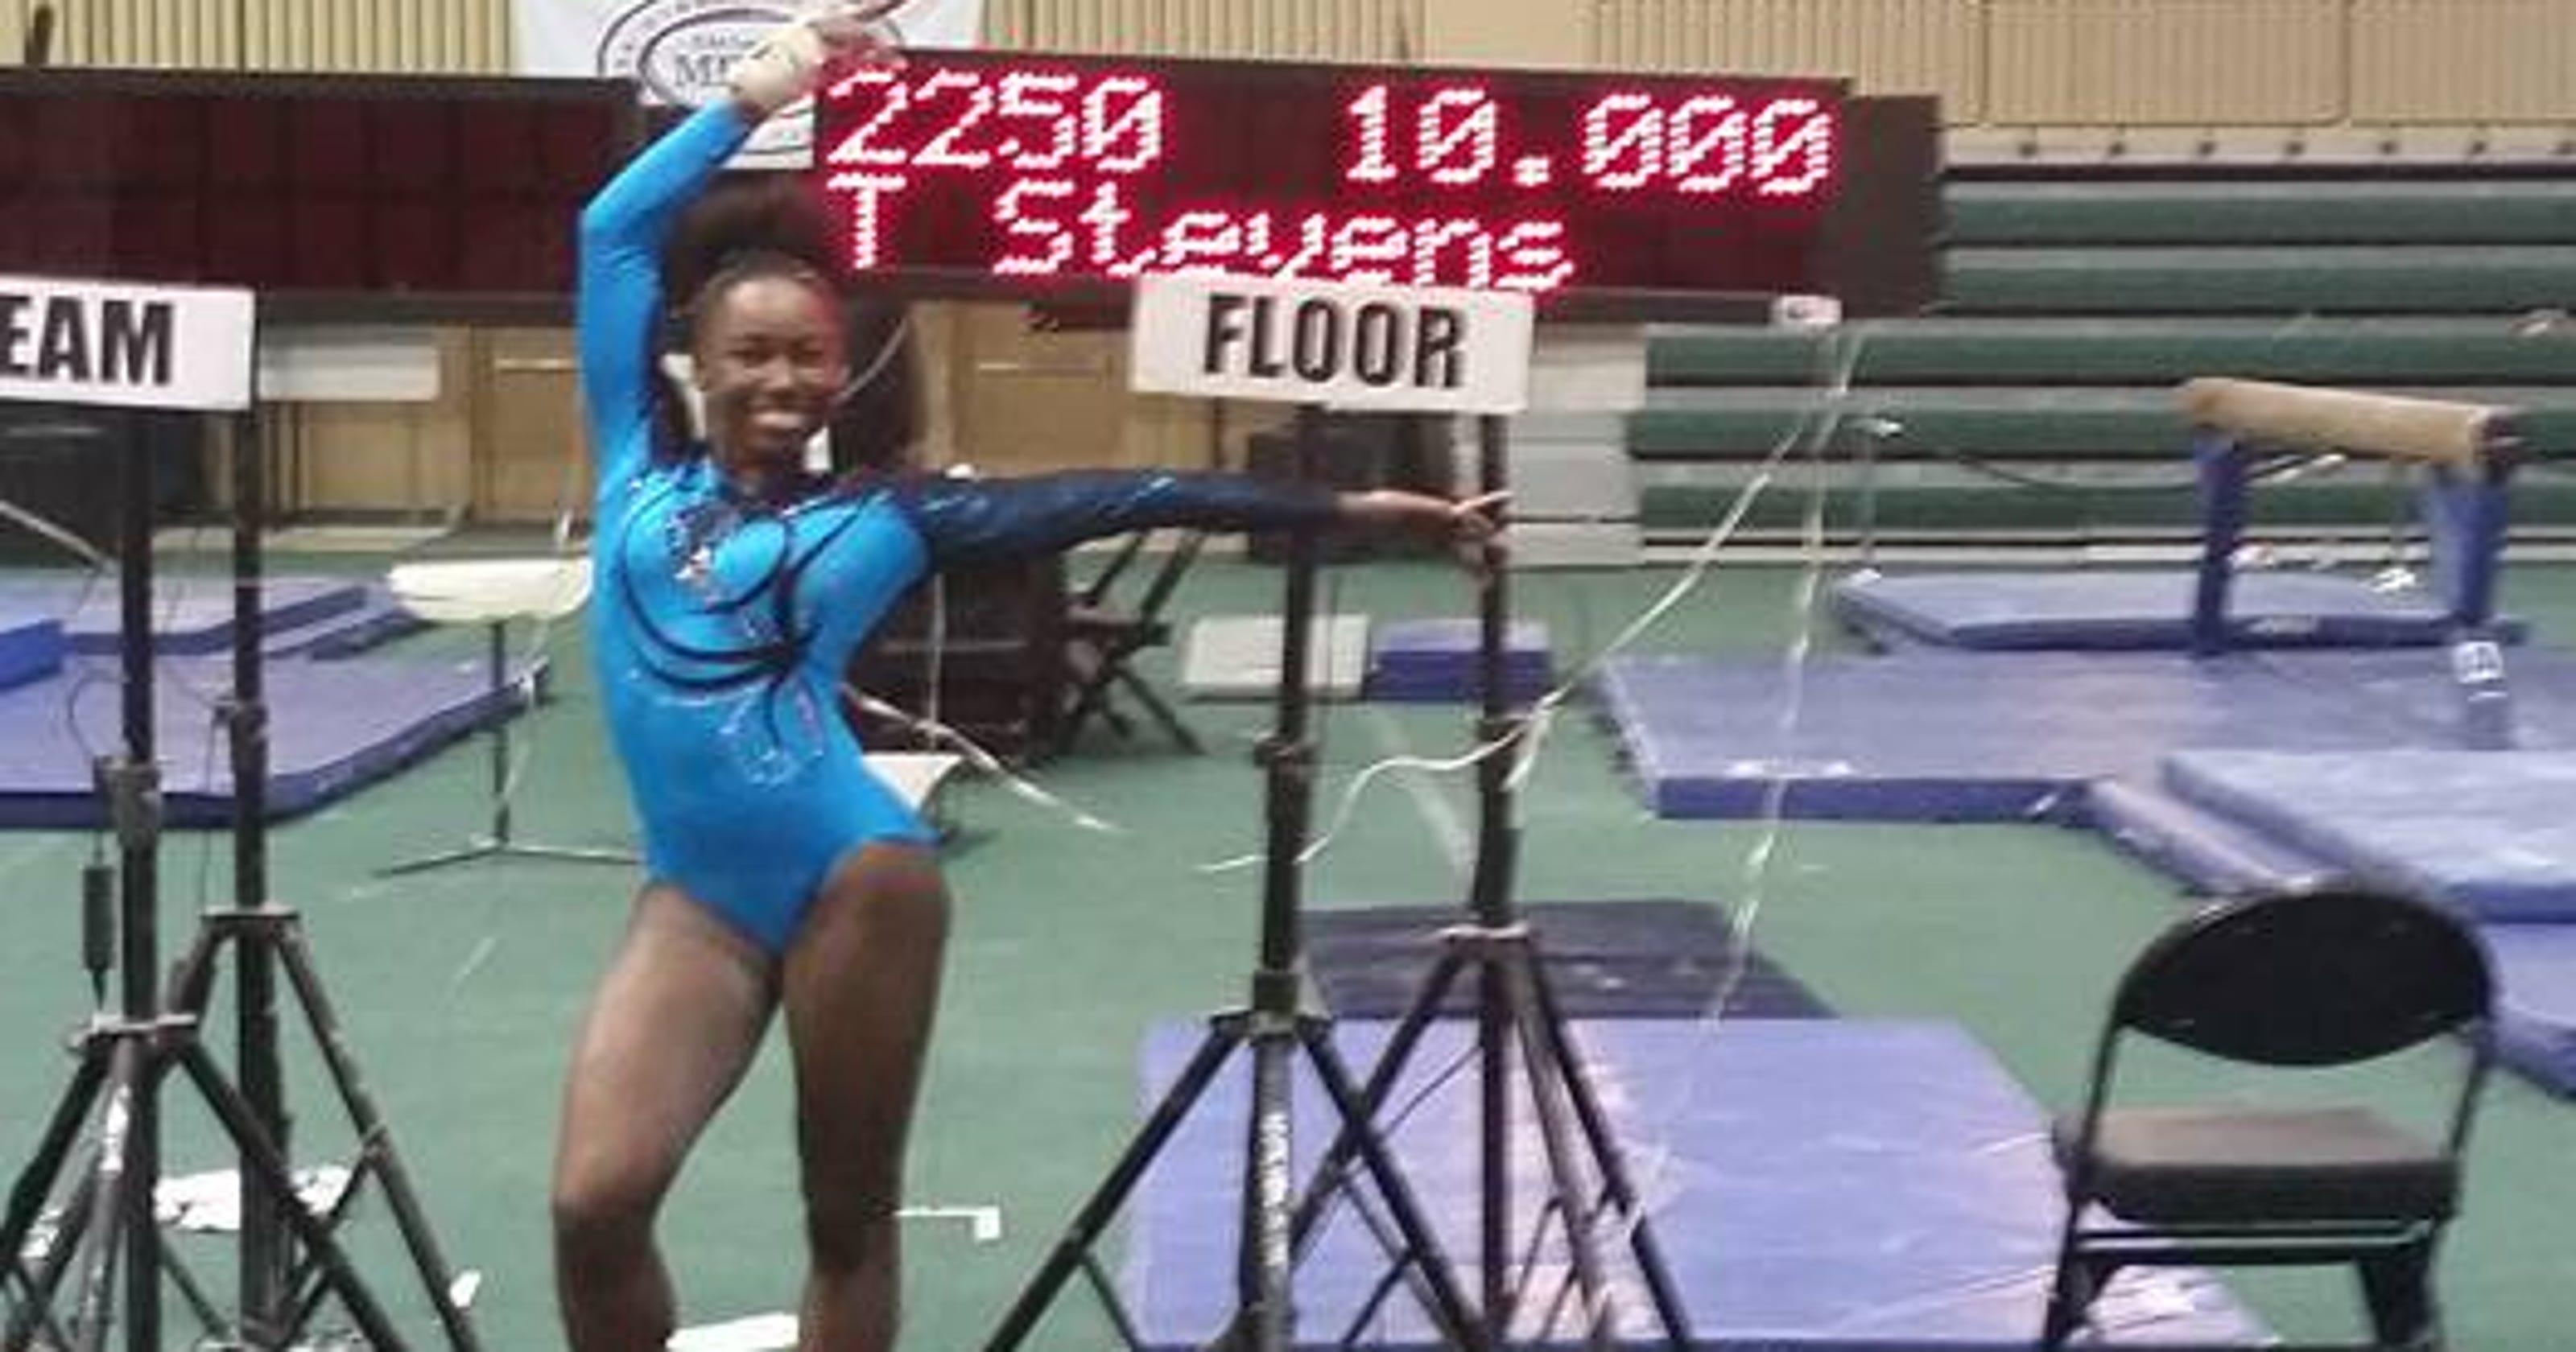 Gymnast Earns Perfect 10 At Orlando Meet